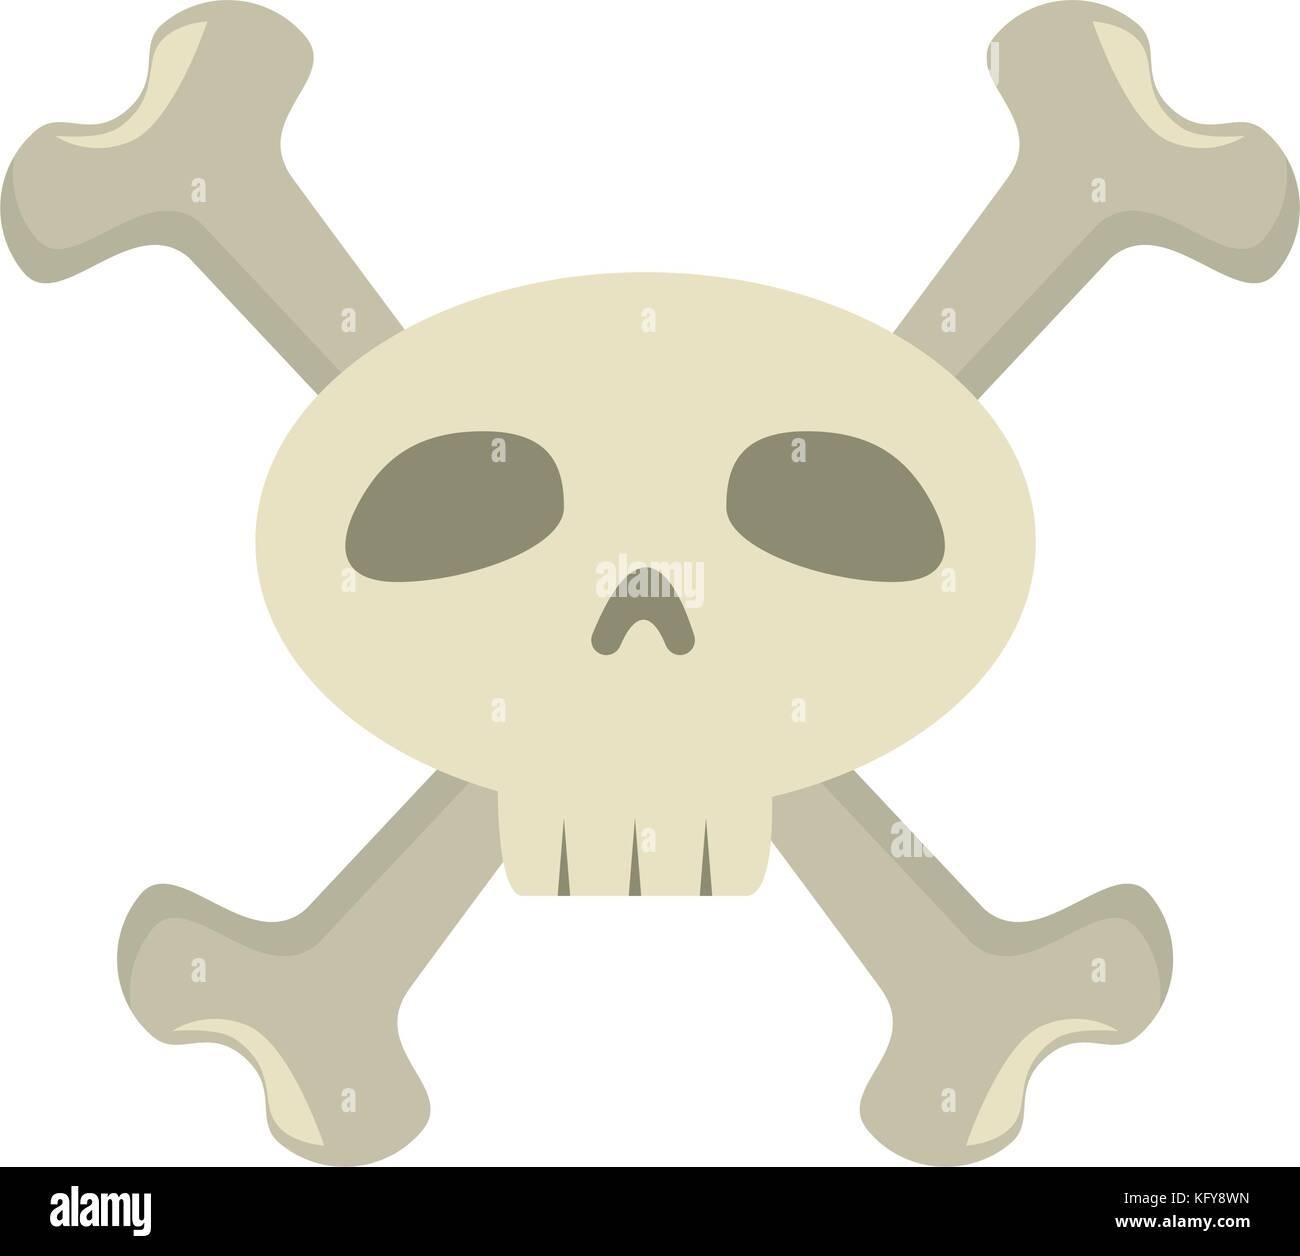 Skull Cross Bones Tattoo Stockfotos & Skull Cross Bones Tattoo ...